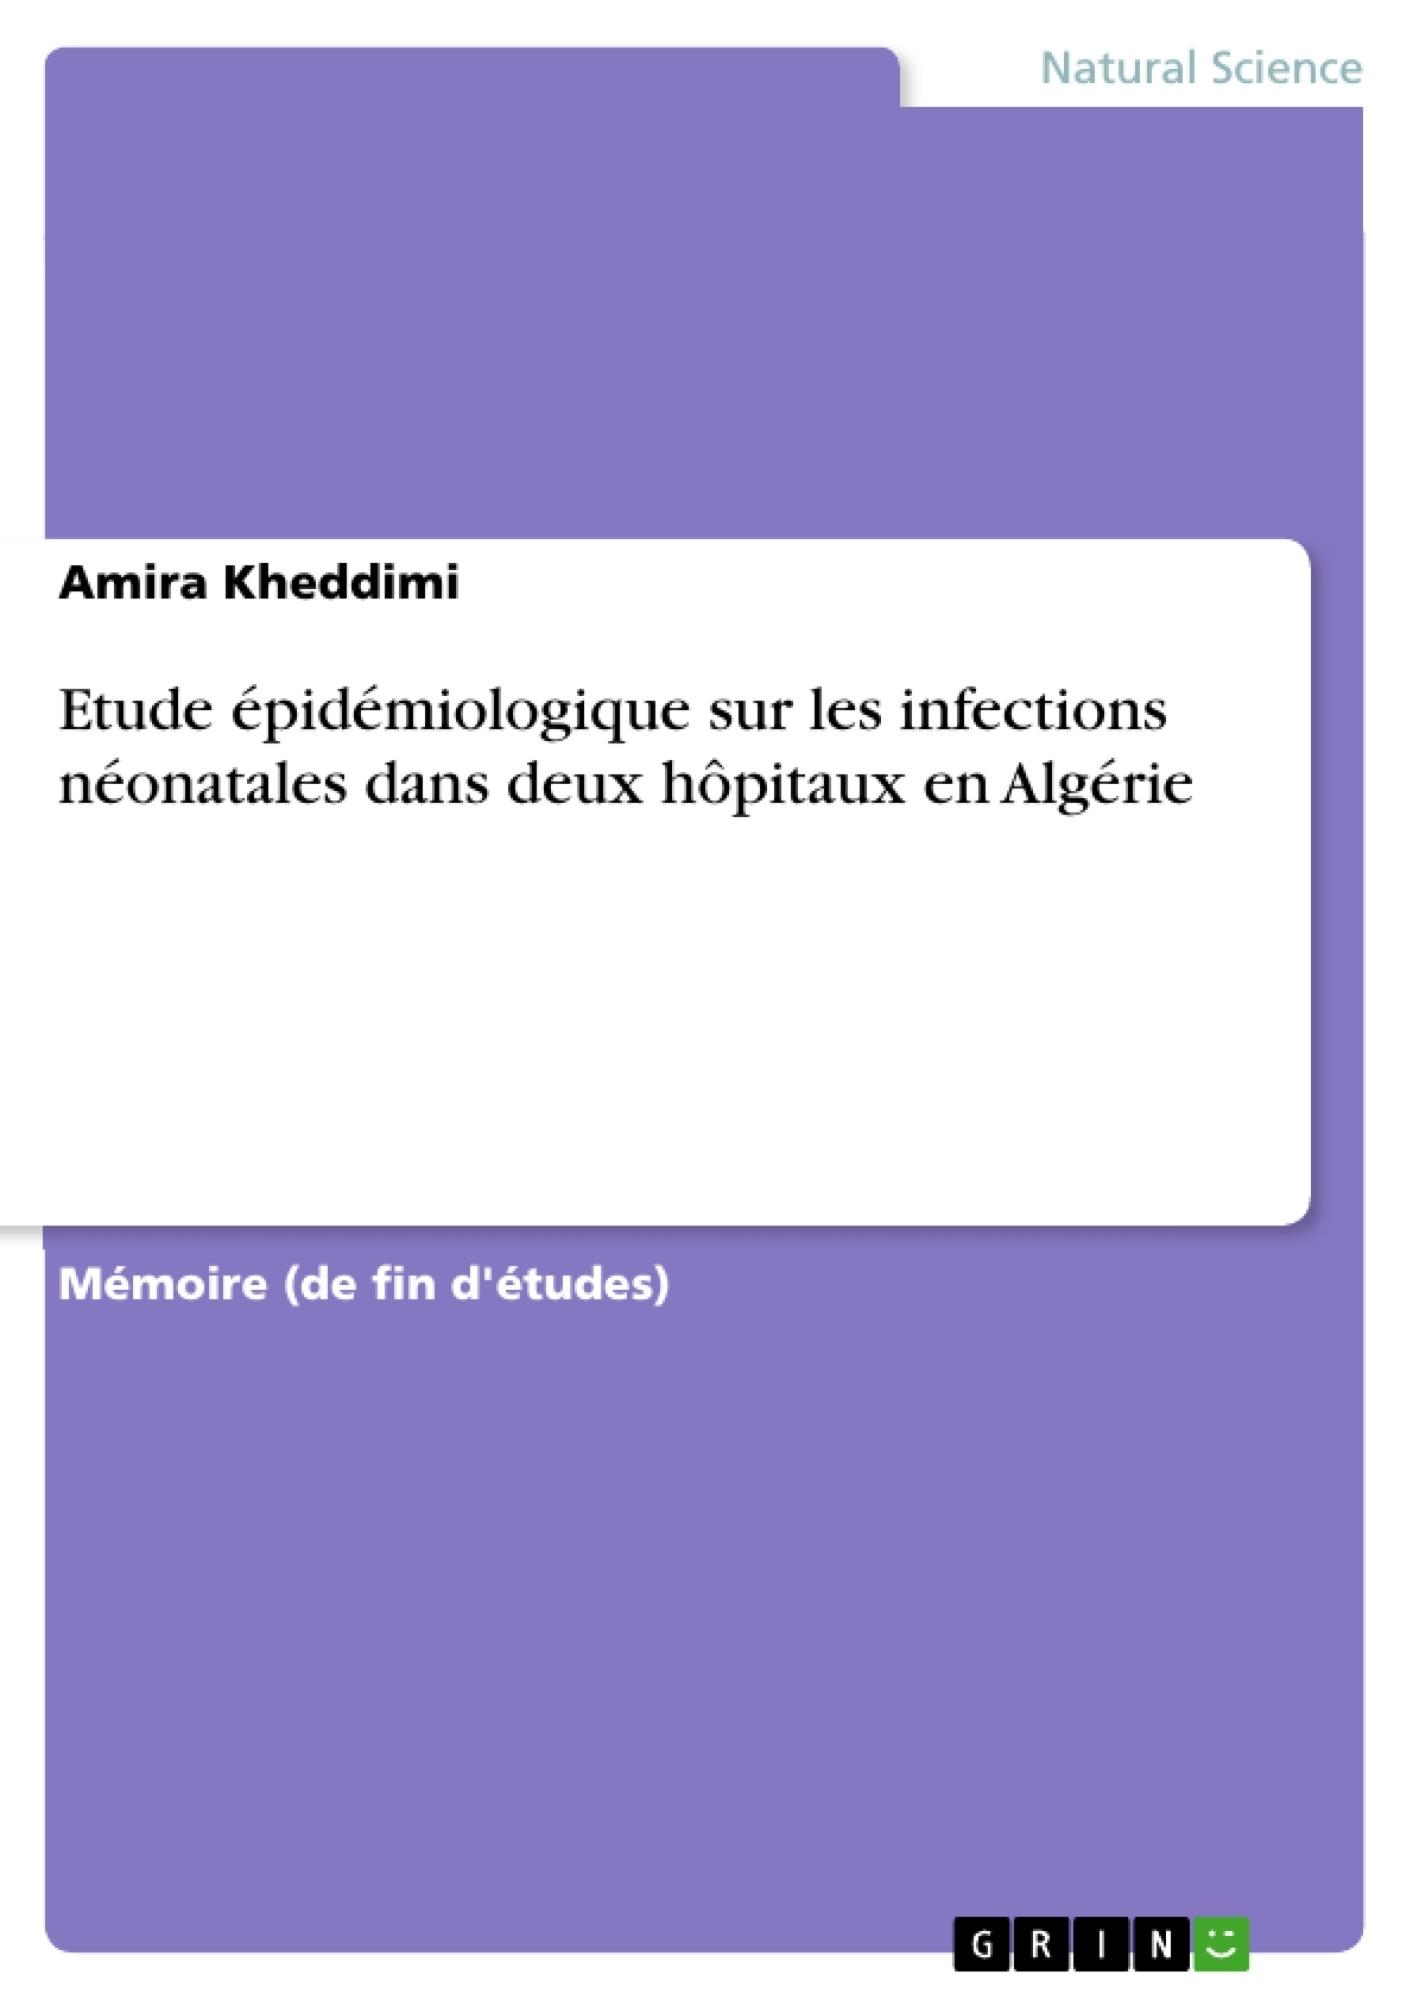 Titre: Etude épidémiologique sur les infections néonatales dans deux hôpitaux en Algérie